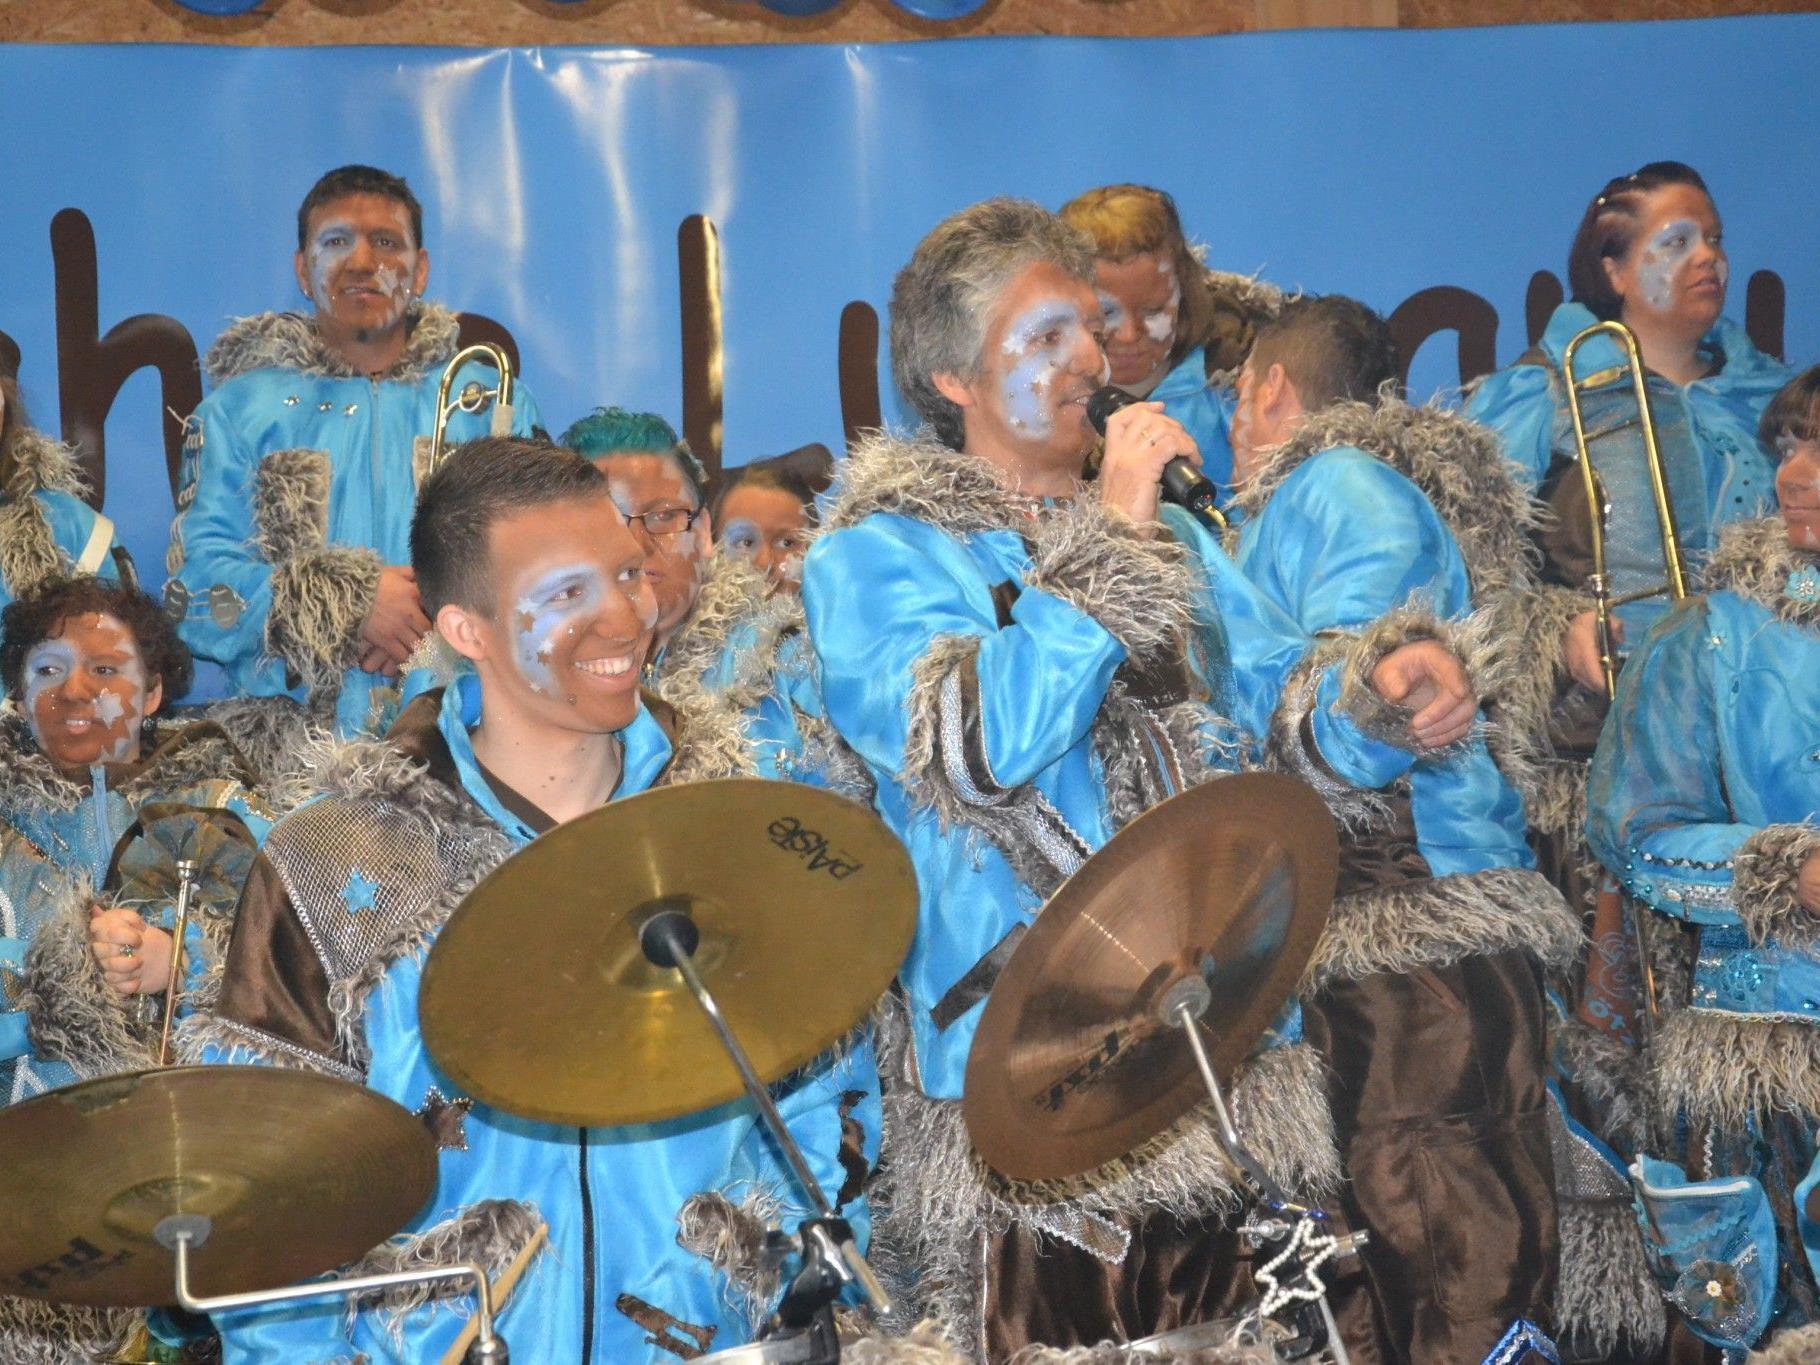 Lumpamusik Obmann Rainer Nicolussi begrüßte zur Jubiläumsfeier im Kubus des Möslestadions